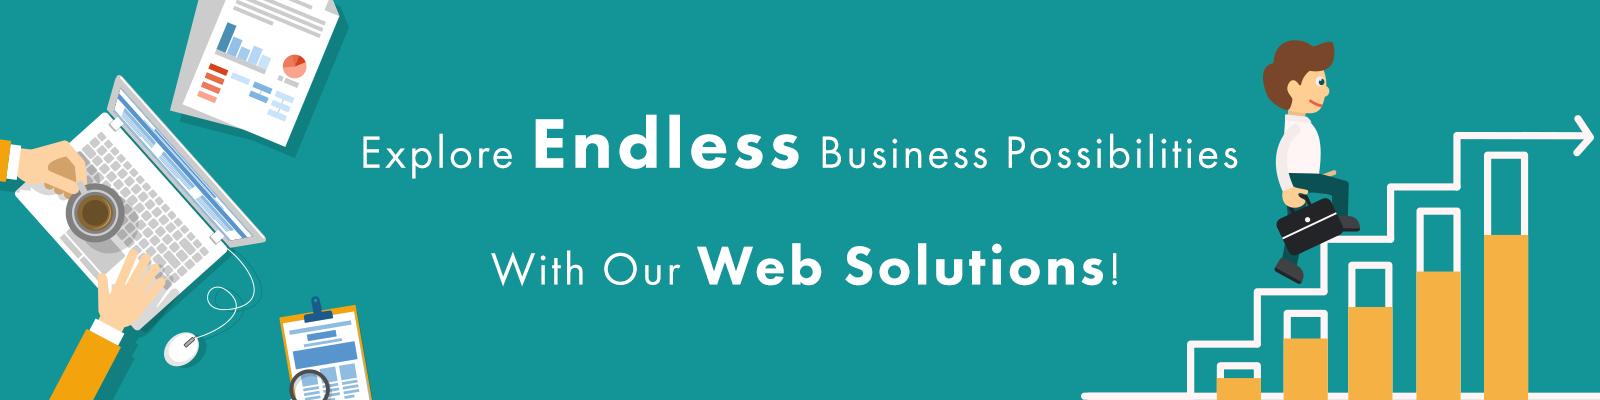 top web development company usa